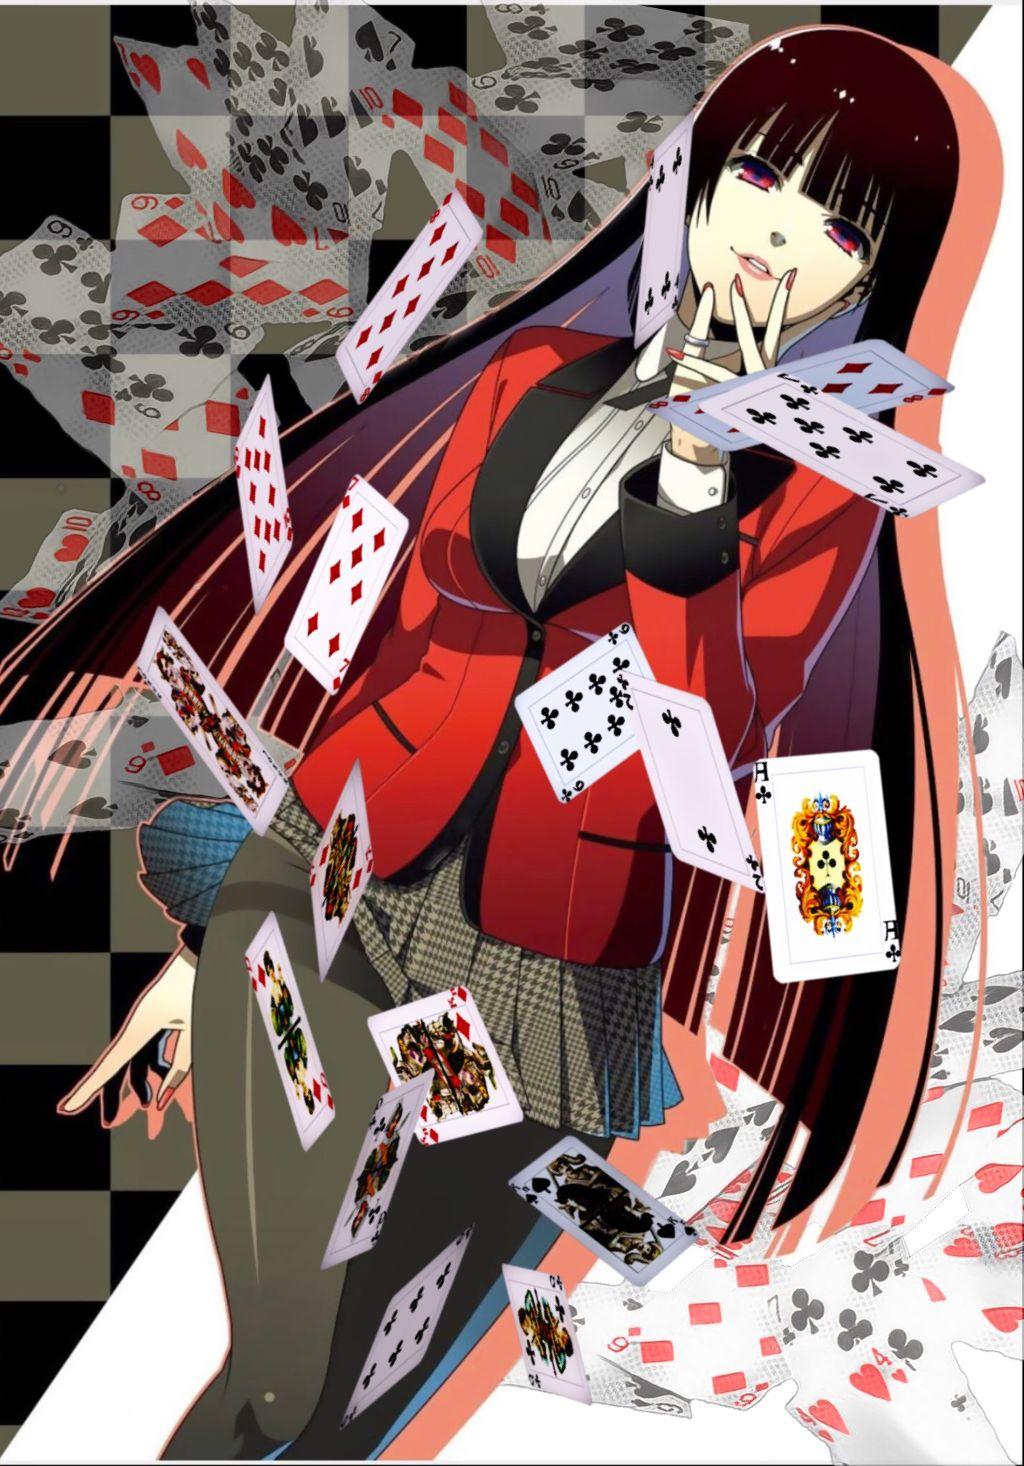 Samp rp игра в казино